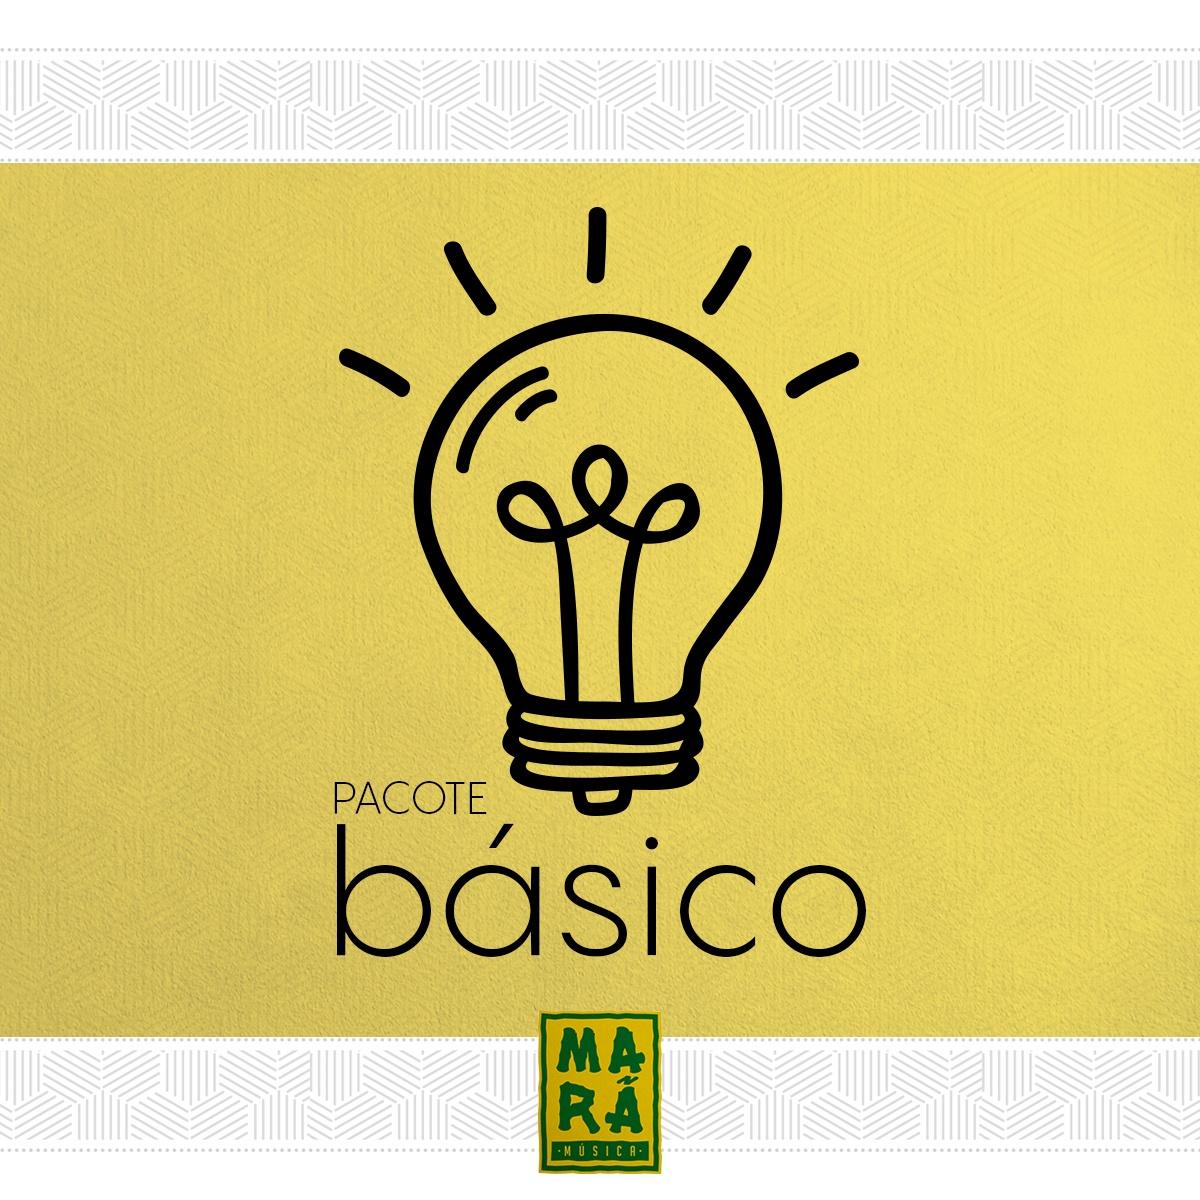 Consultoria Bandas - Pacote básico com duração de 3 meses - Empresa de marketing musical Marã Música